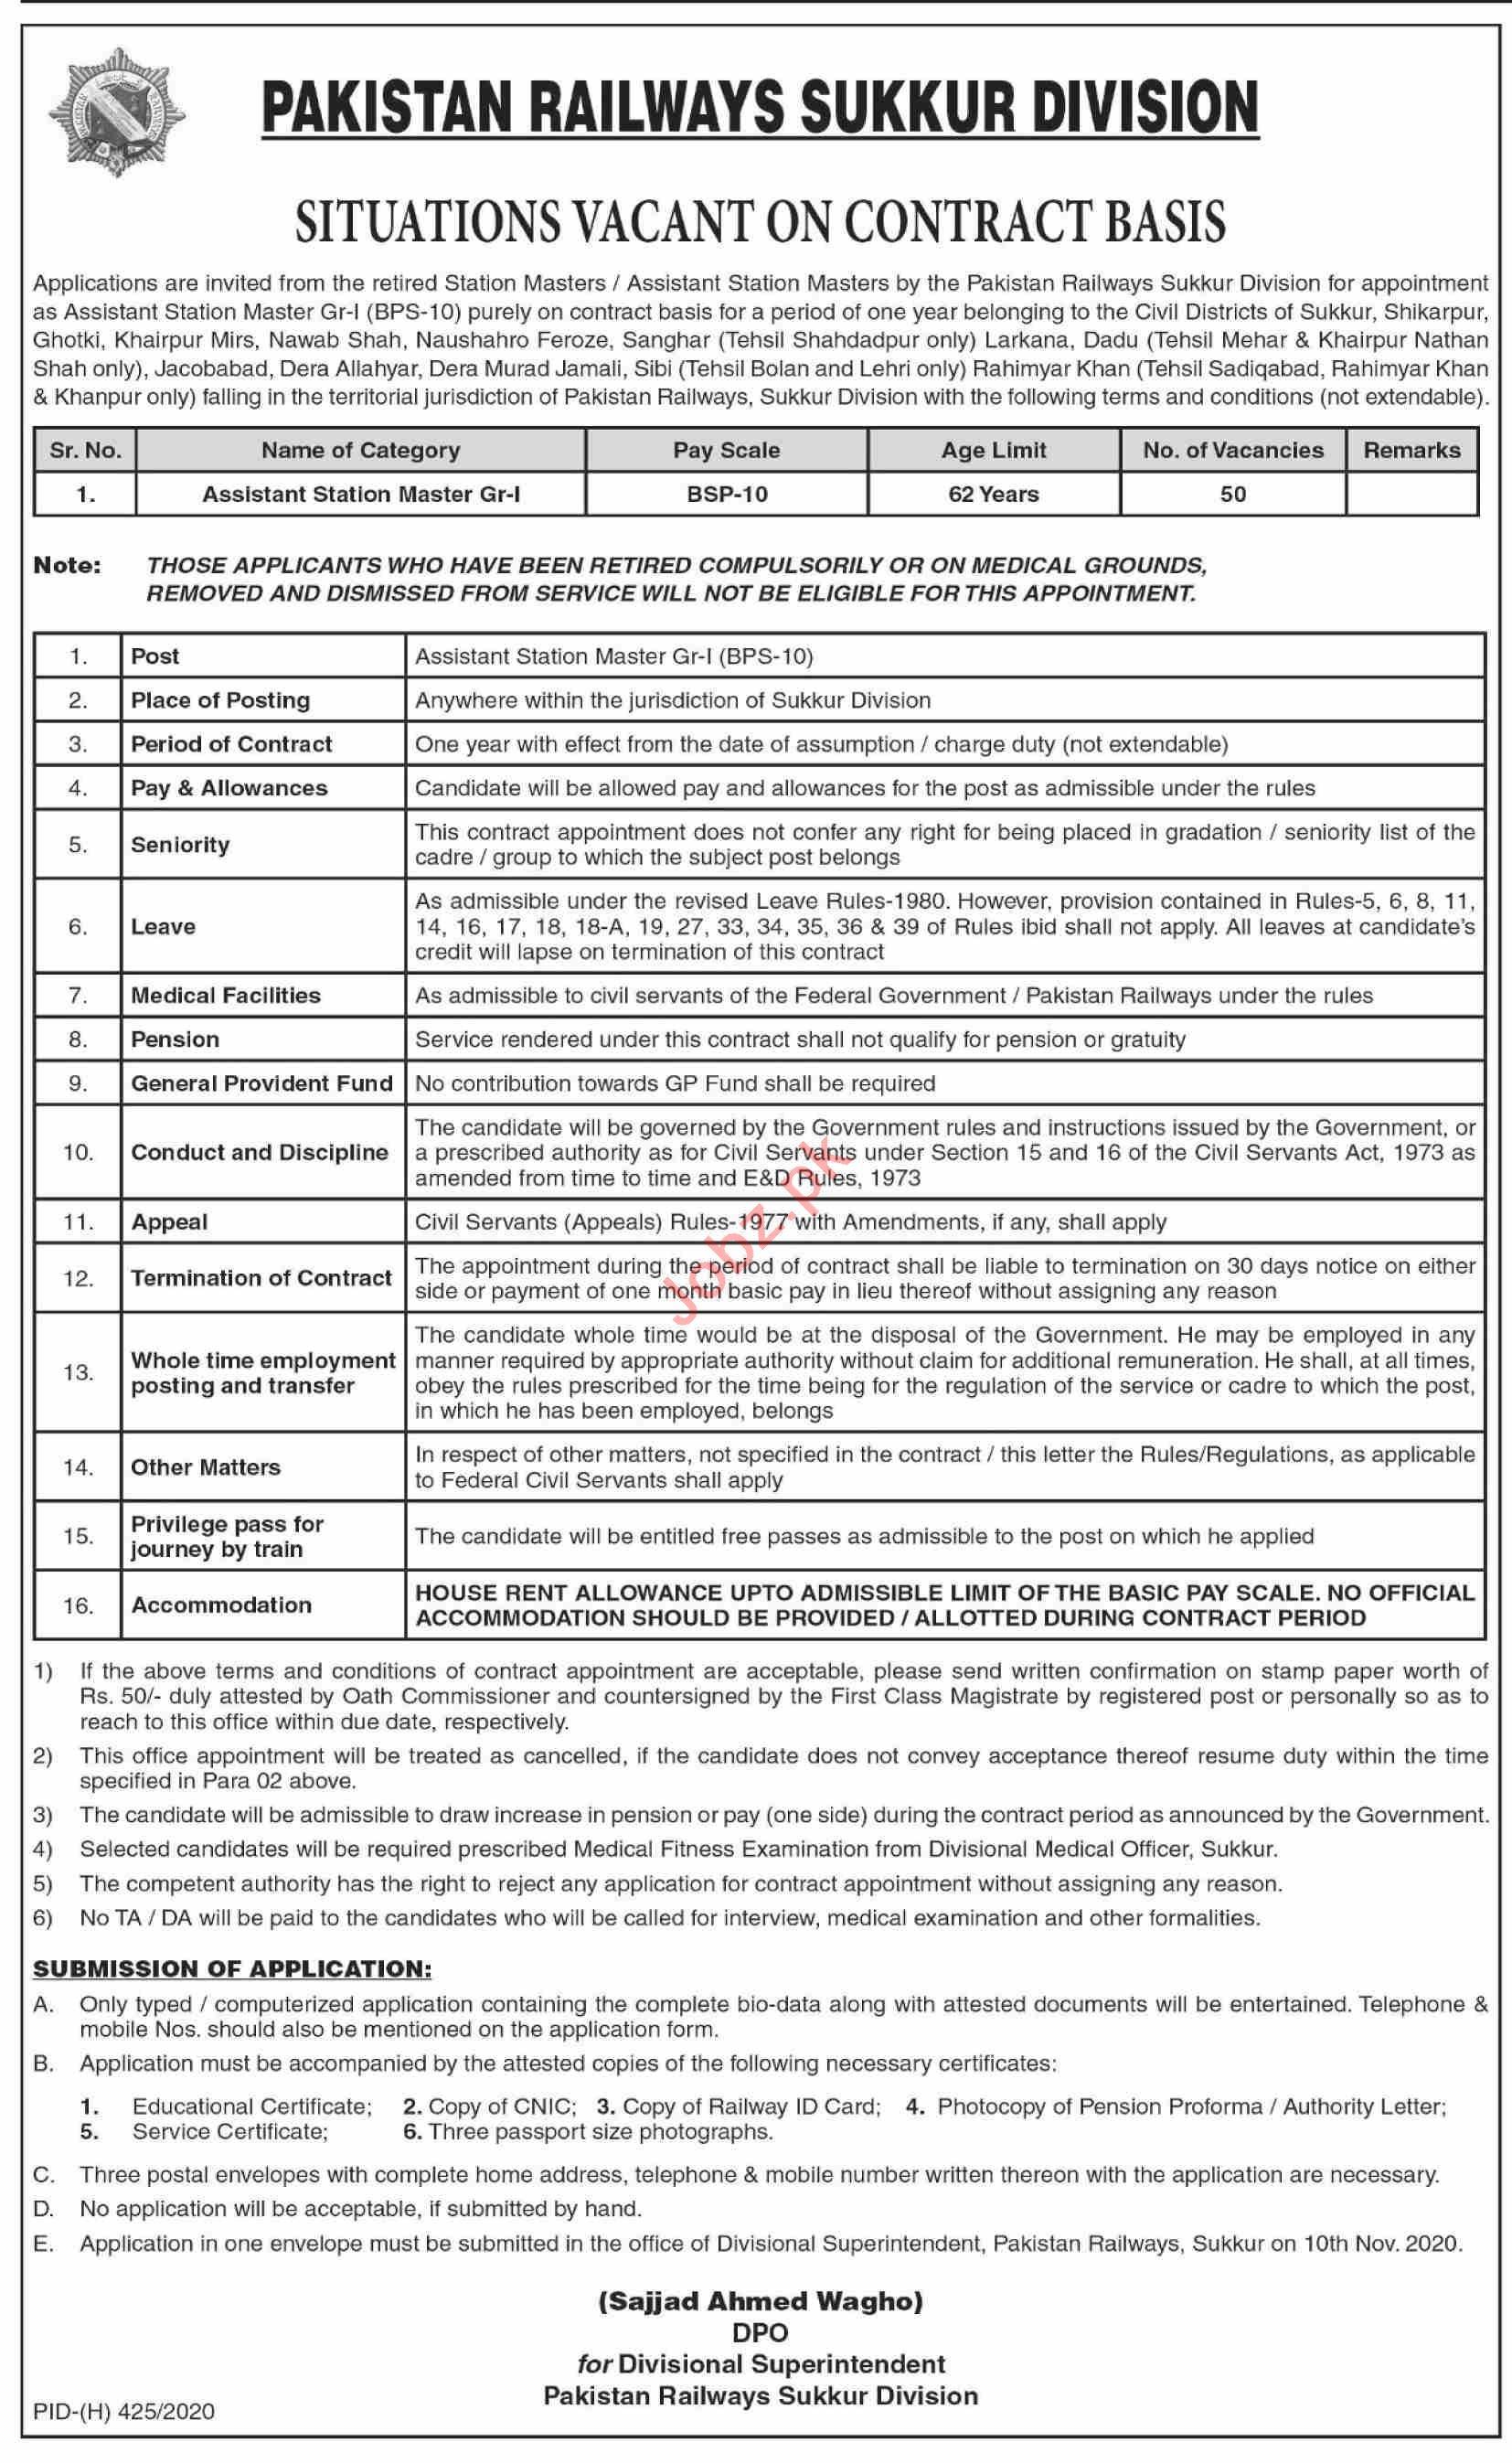 Pakistan Railways Sukkur Division Jobs 2020 Station Master